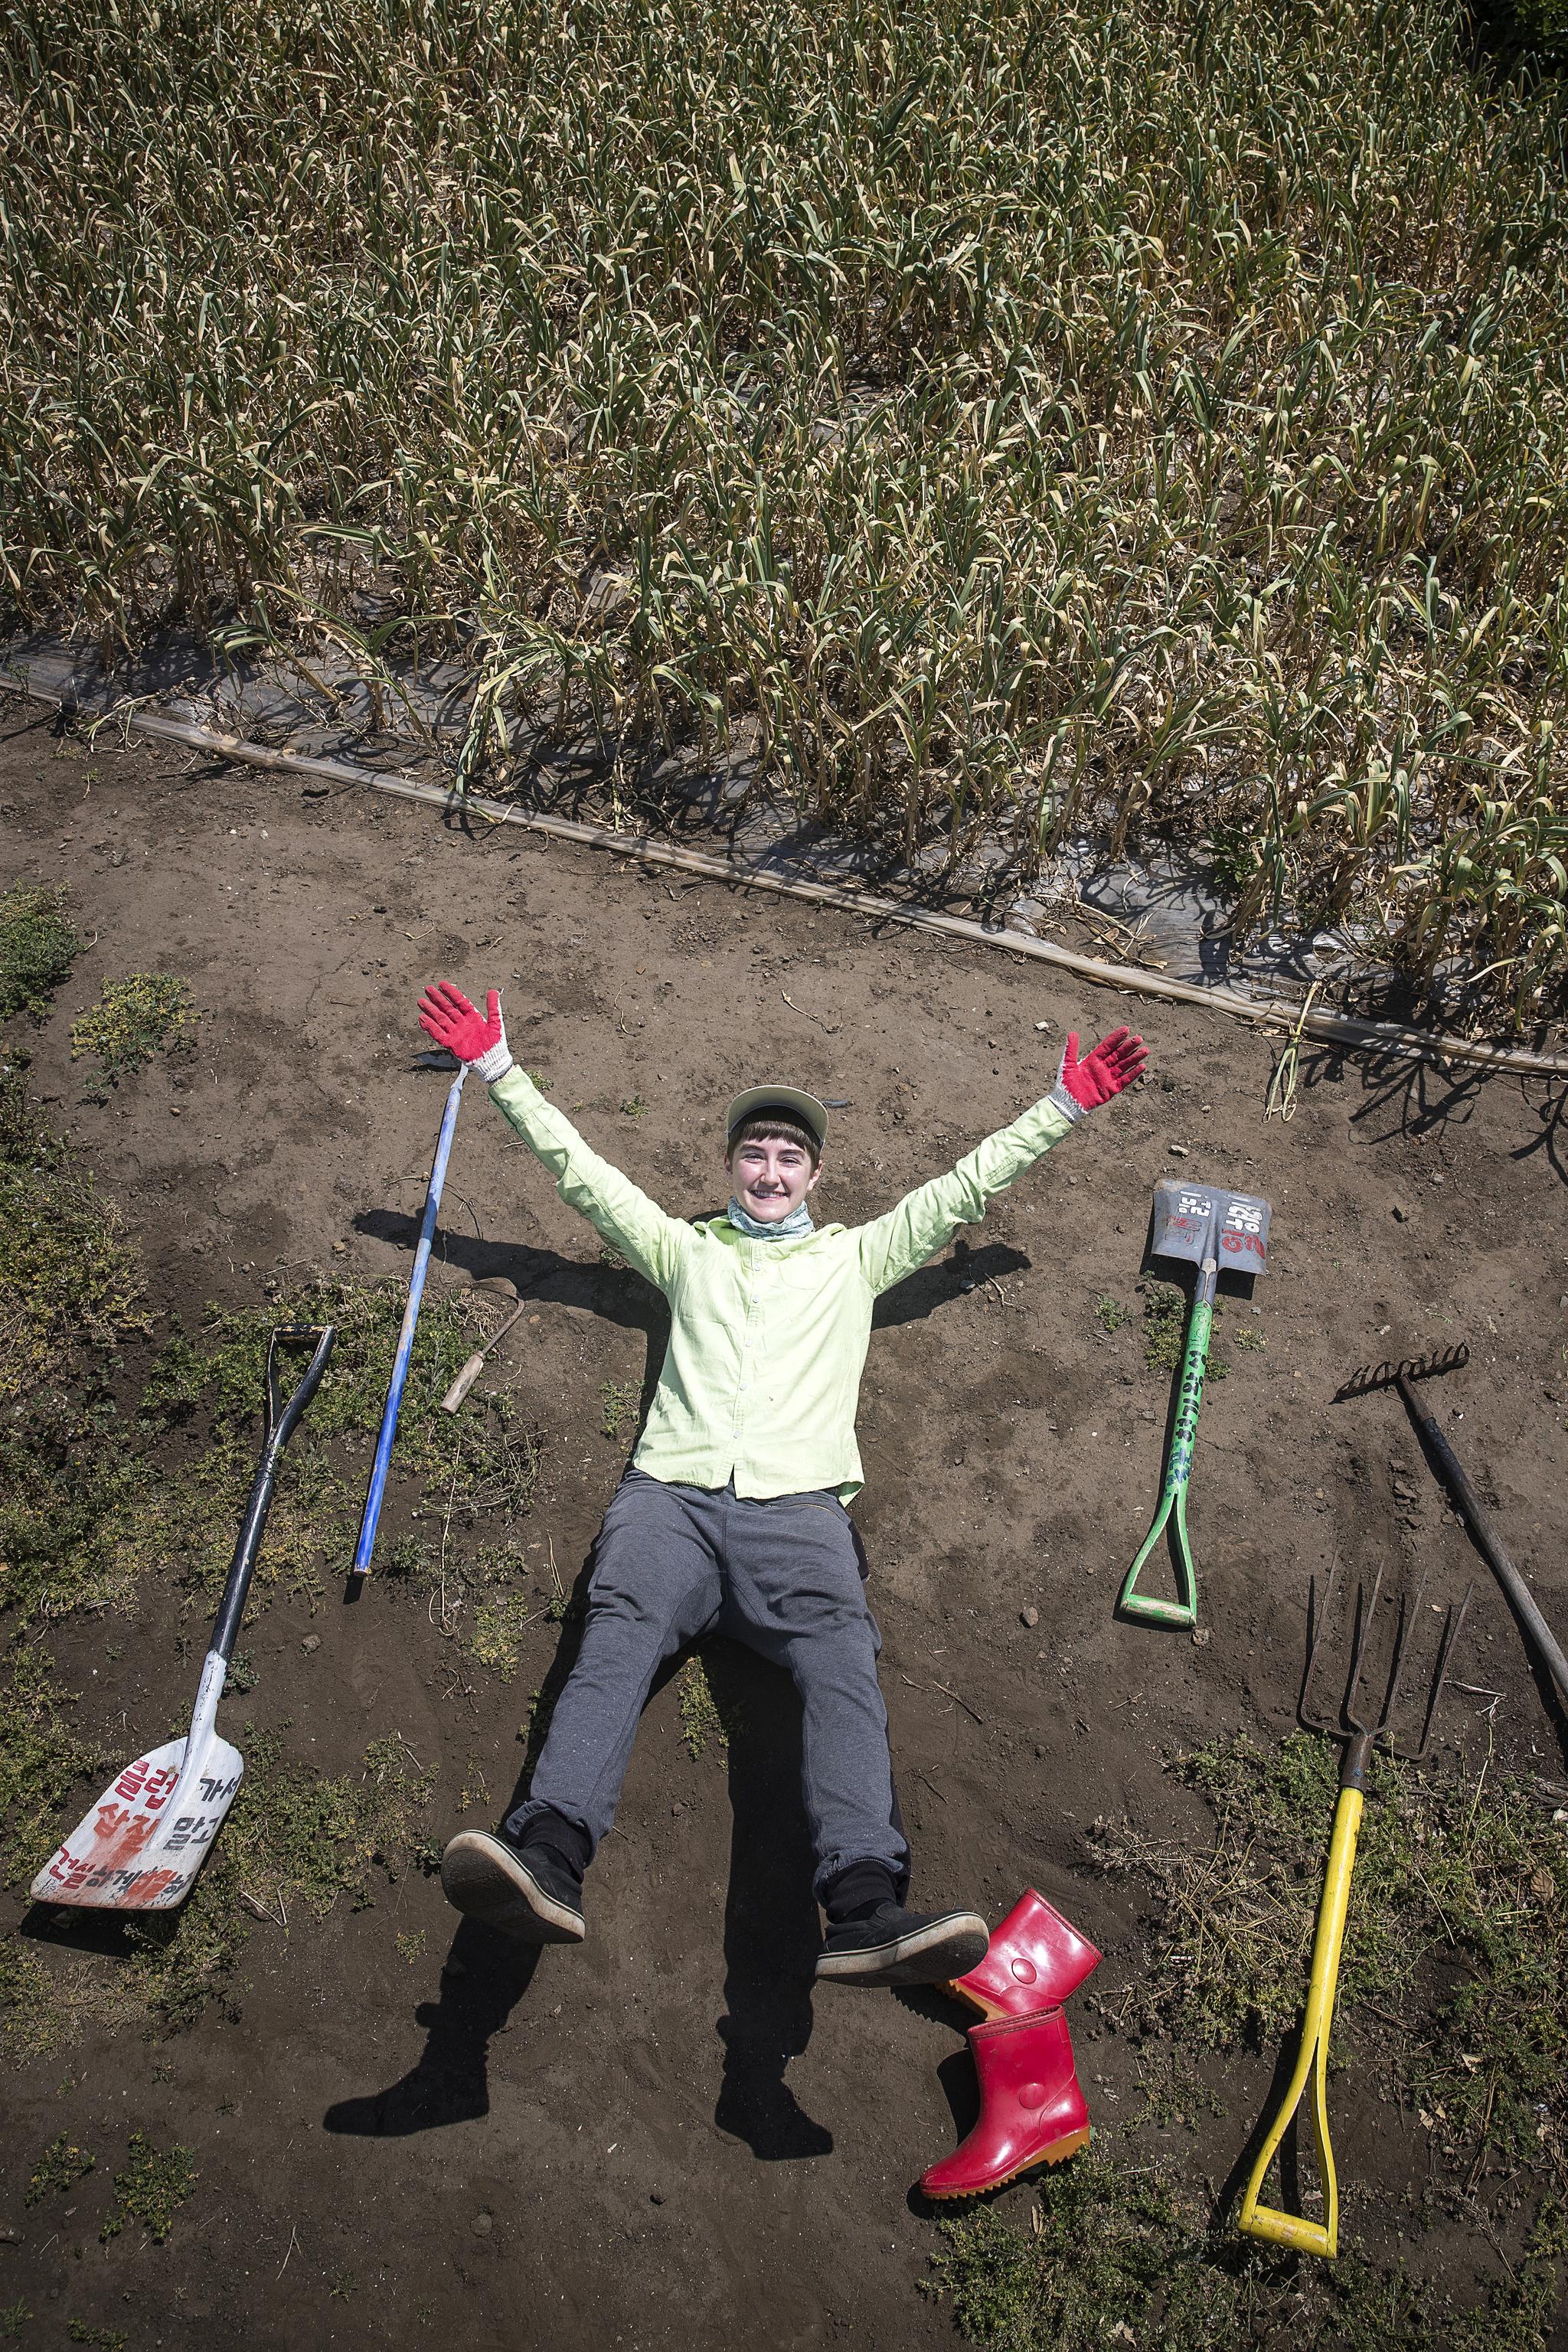 도하리는 미국 시카고에서 제주로 왔다. 3년째 농사꾼으로 살고 있다. 작은 씨앗을 손으로 직접 뿌리며 이웃 어르신들과 '우리는 같다'라는 삶을 꿈꾼다. 장진영 기자